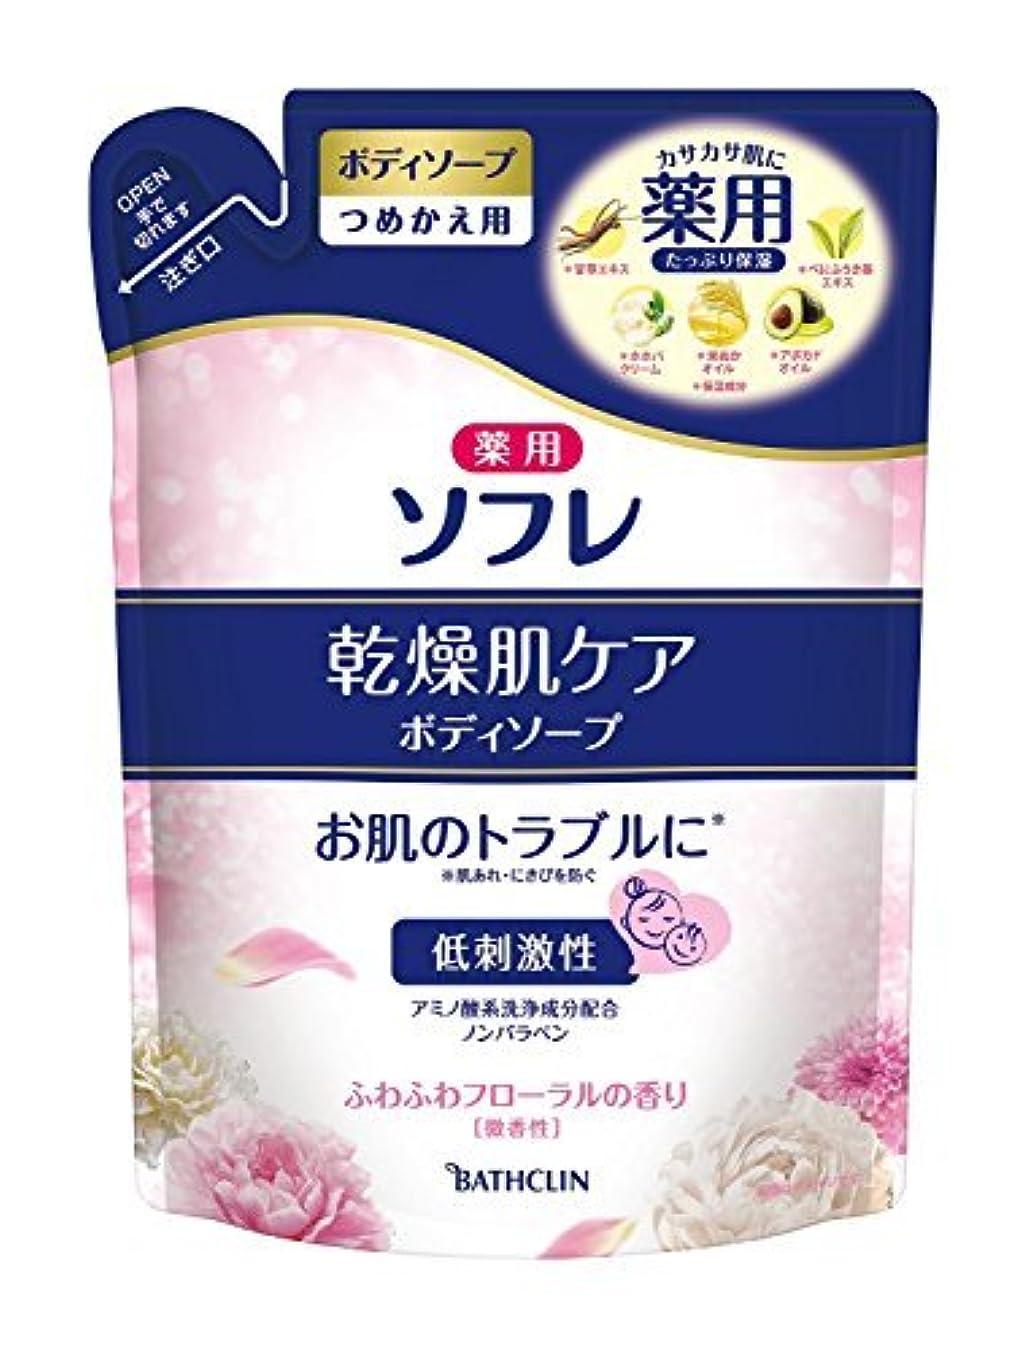 動隣接悪意のある薬用ソフレ 乾燥肌ケアボディ詰替 × 12個セット